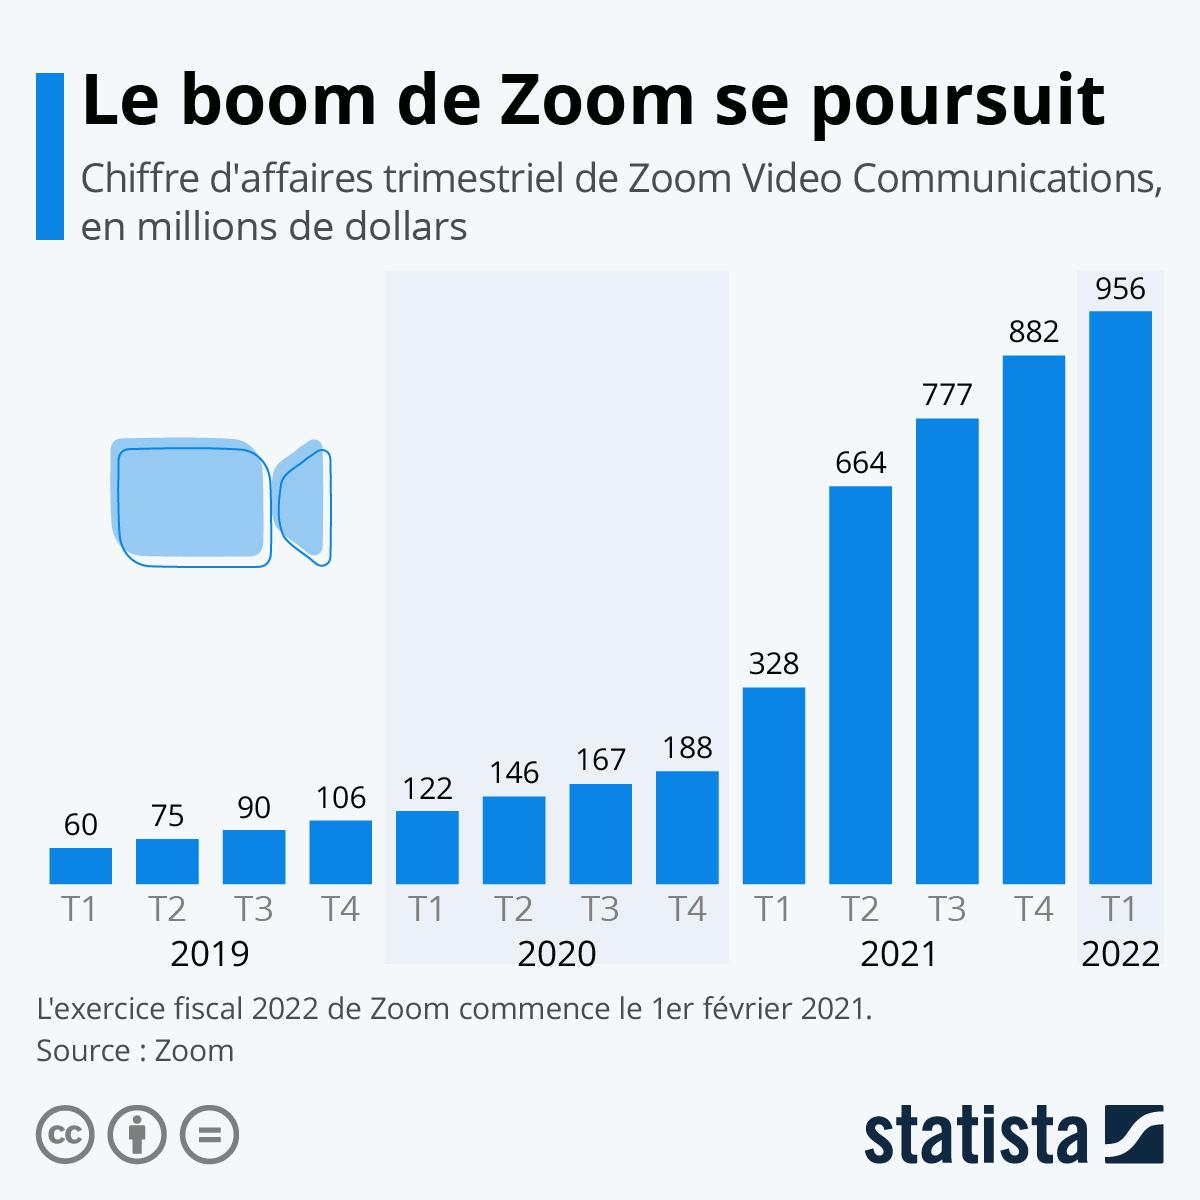 Infographie: Les revenus de Zoom ont explosé avec le confinement | Statista